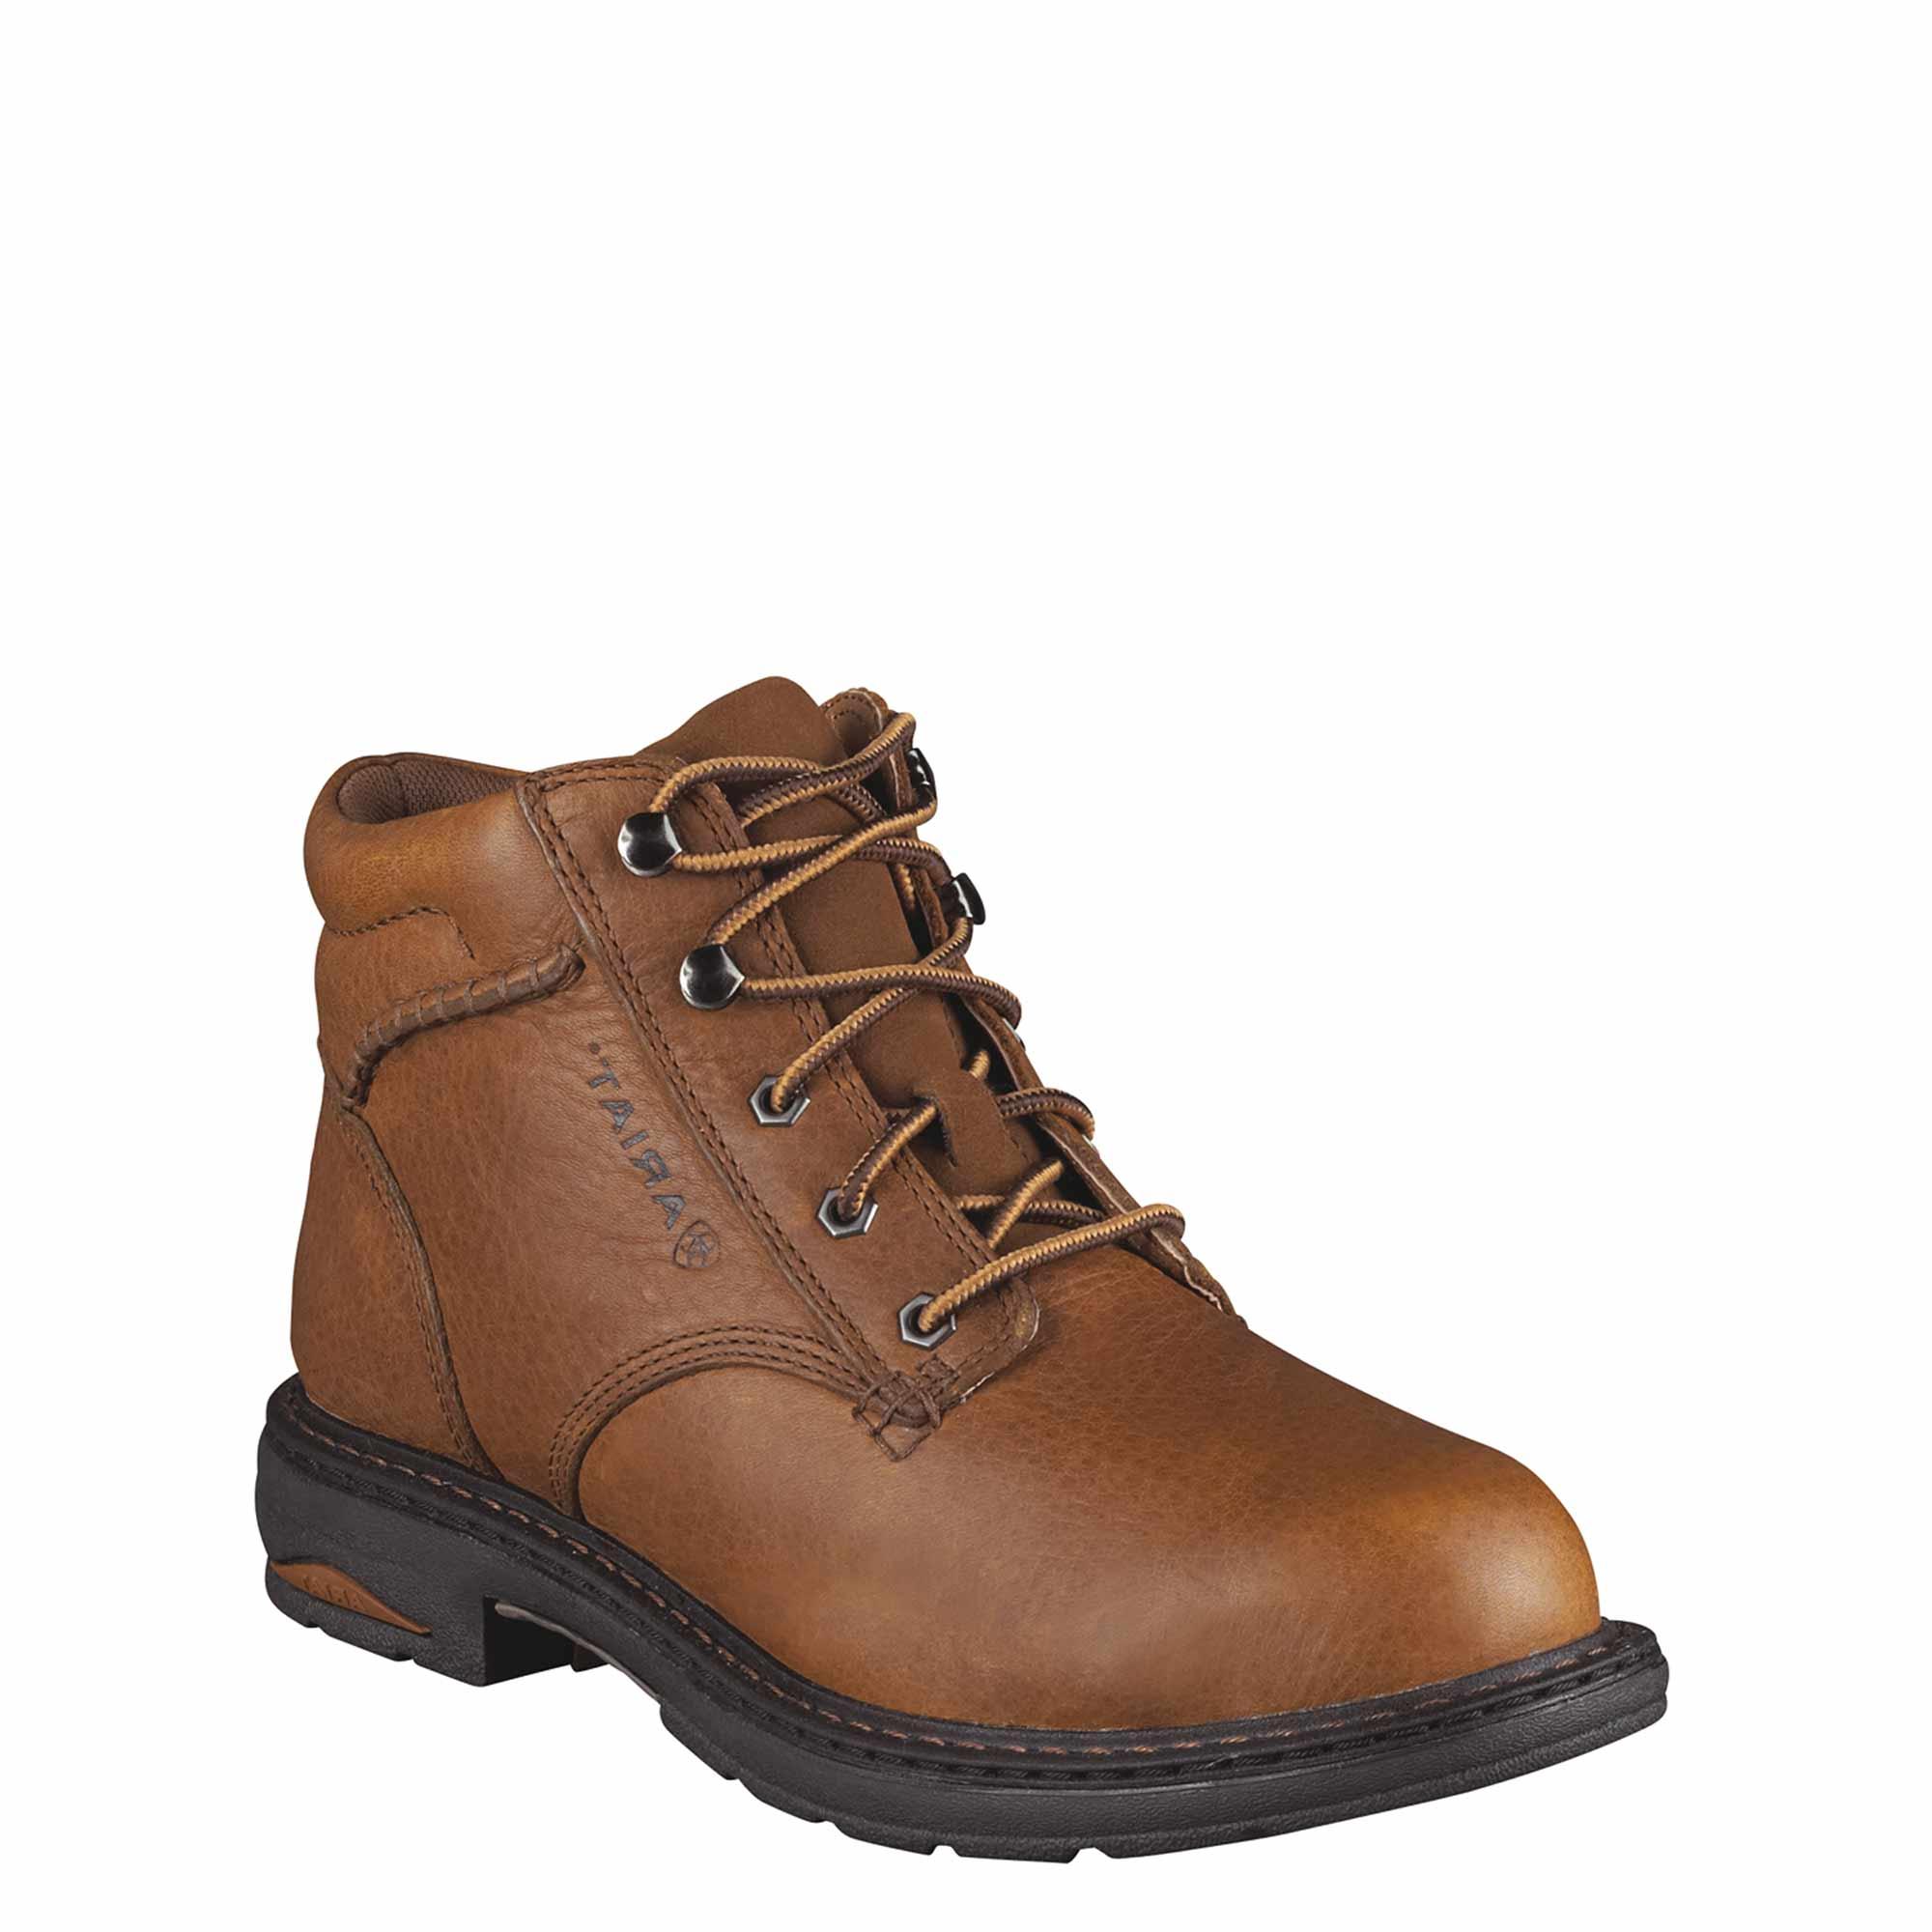 Ariat Women's Work Boots Macey. Dark